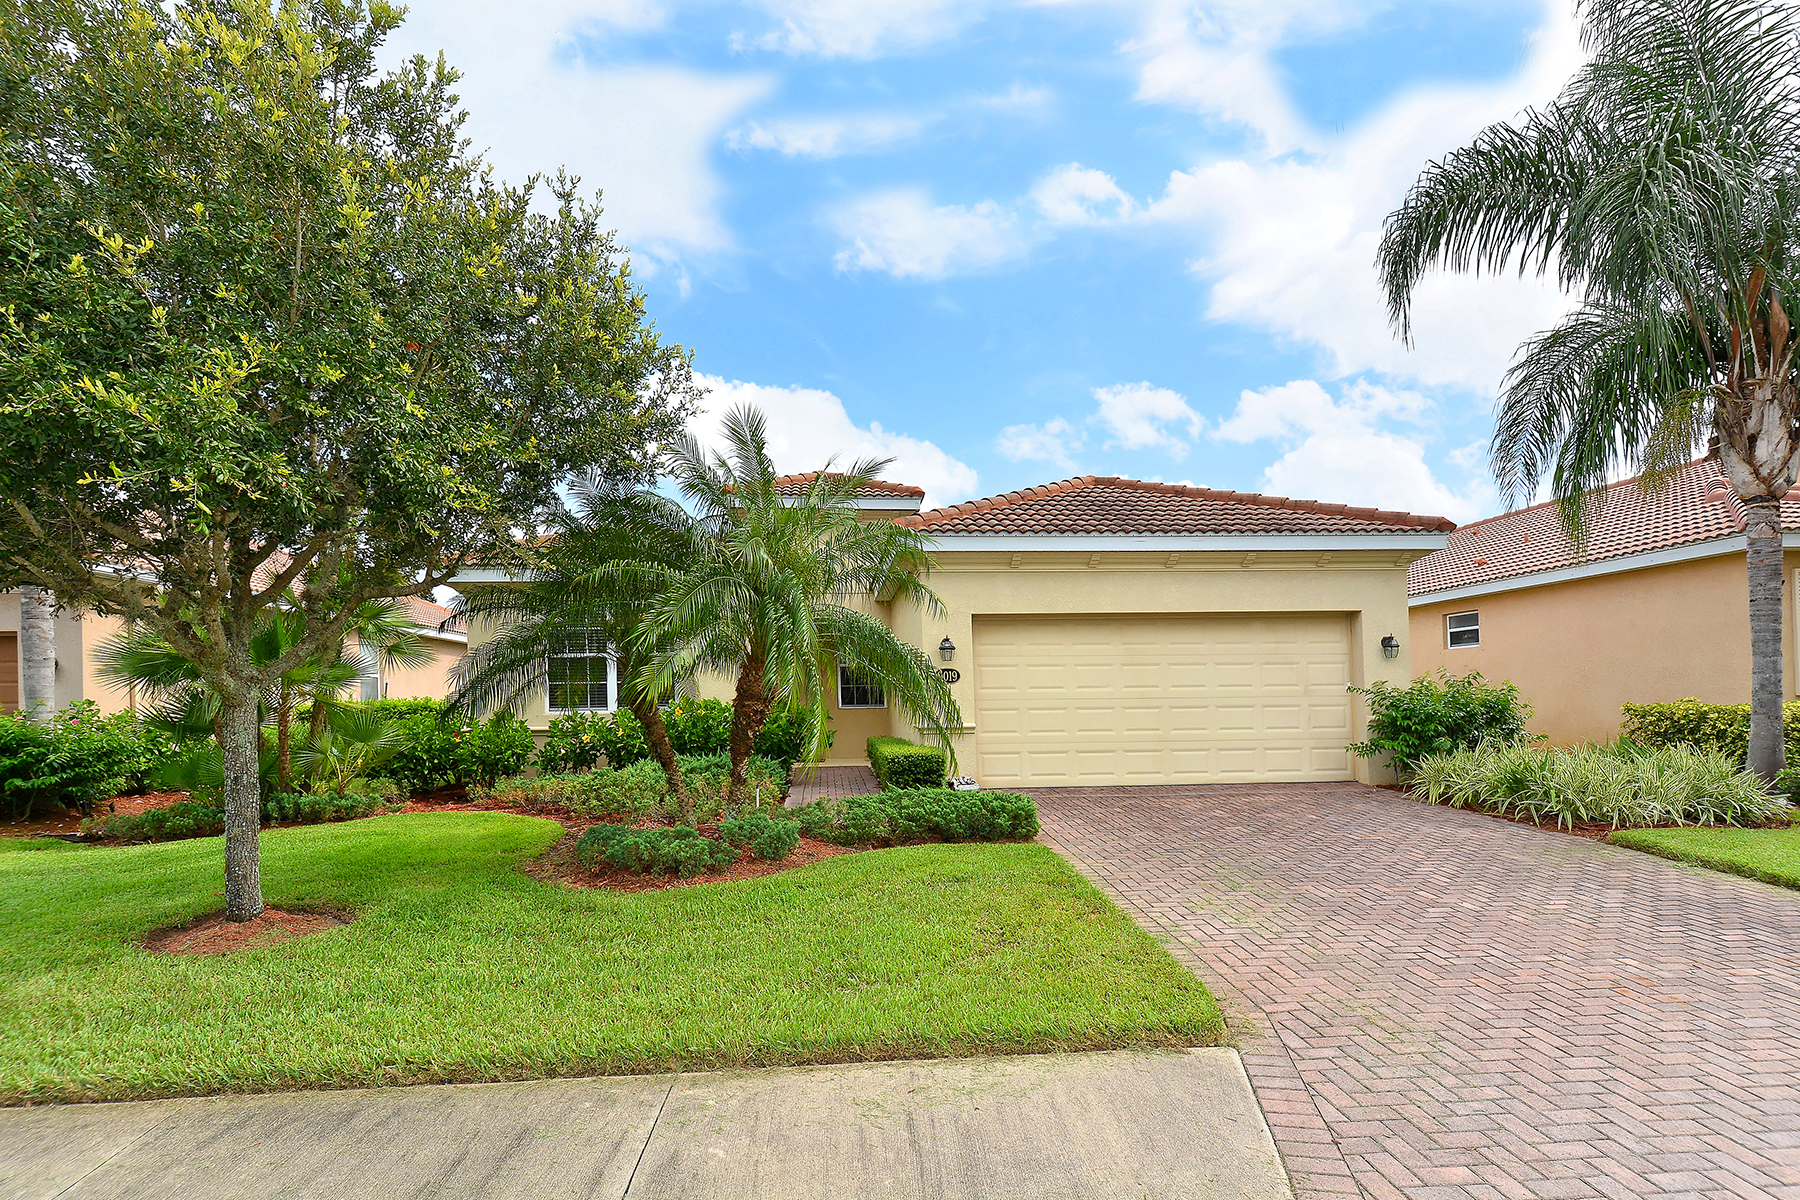 Casa Unifamiliar por un Venta en BRADENTON 9019 Heritage Sound Dr Bradenton, Florida, 34212 Estados Unidos